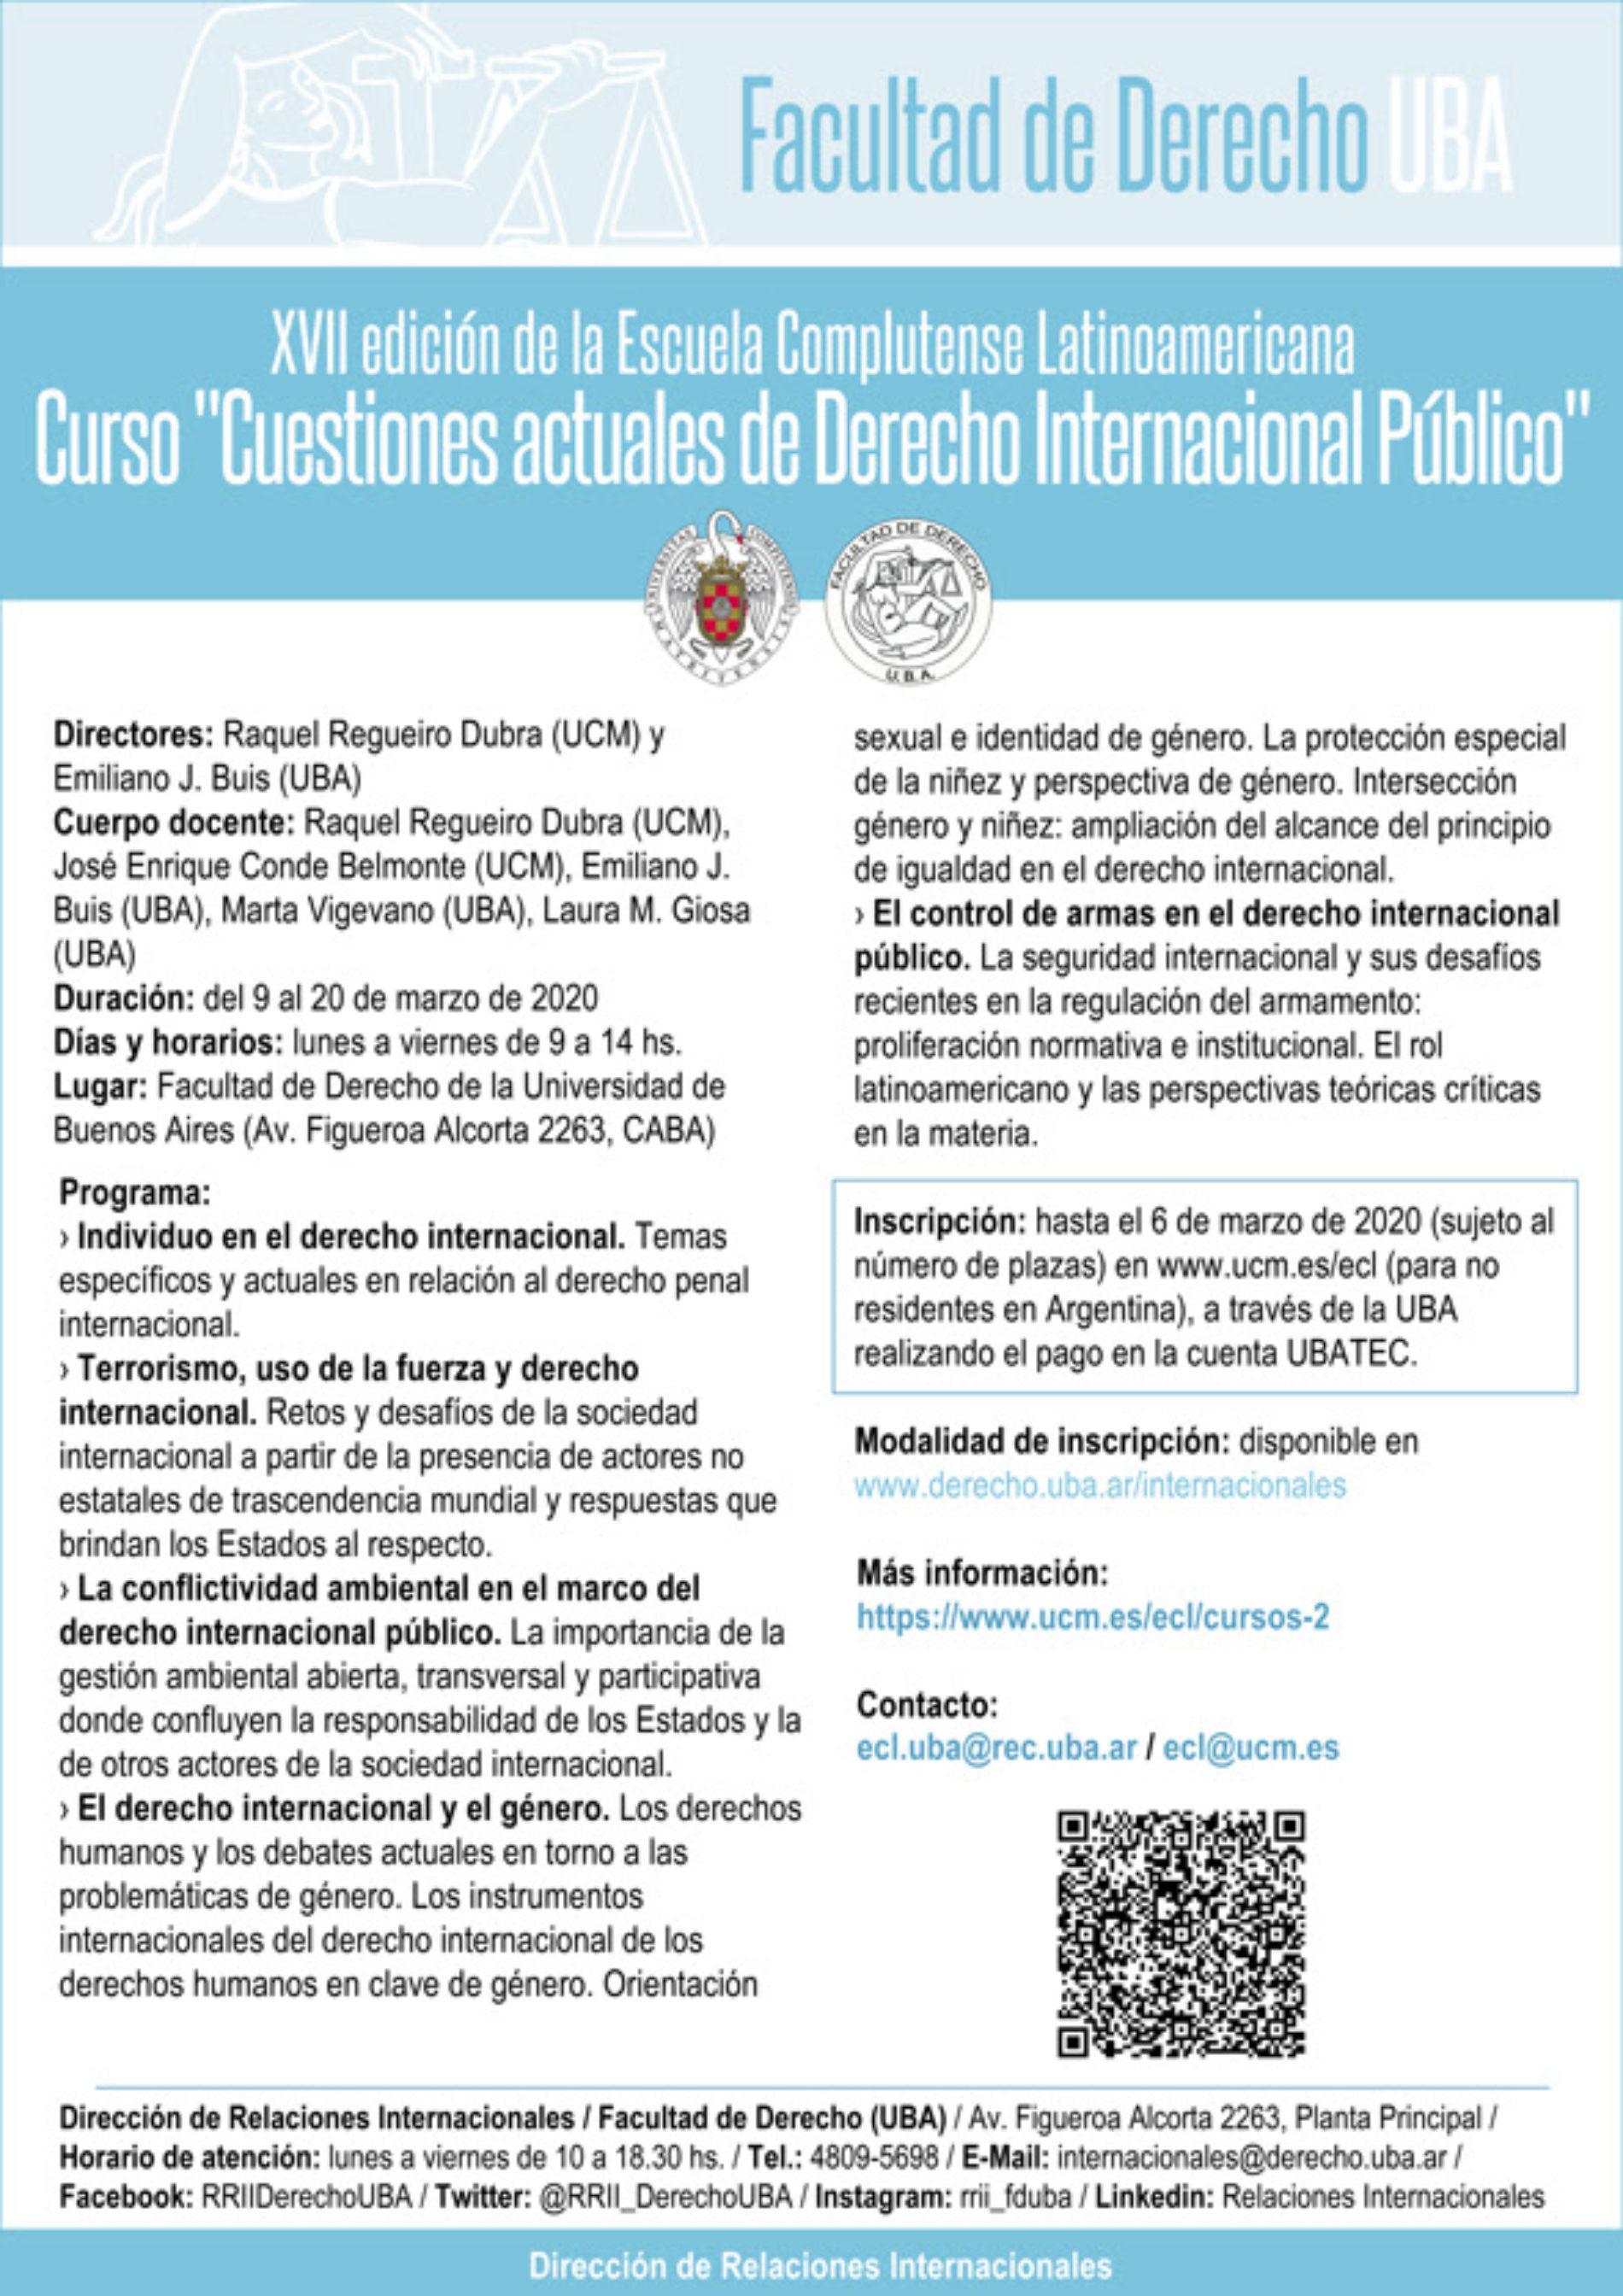 XVII edición de la Escuela Complutense Latinoamericana: Curso «Cuestiones actuales de Derecho Internacional Público»